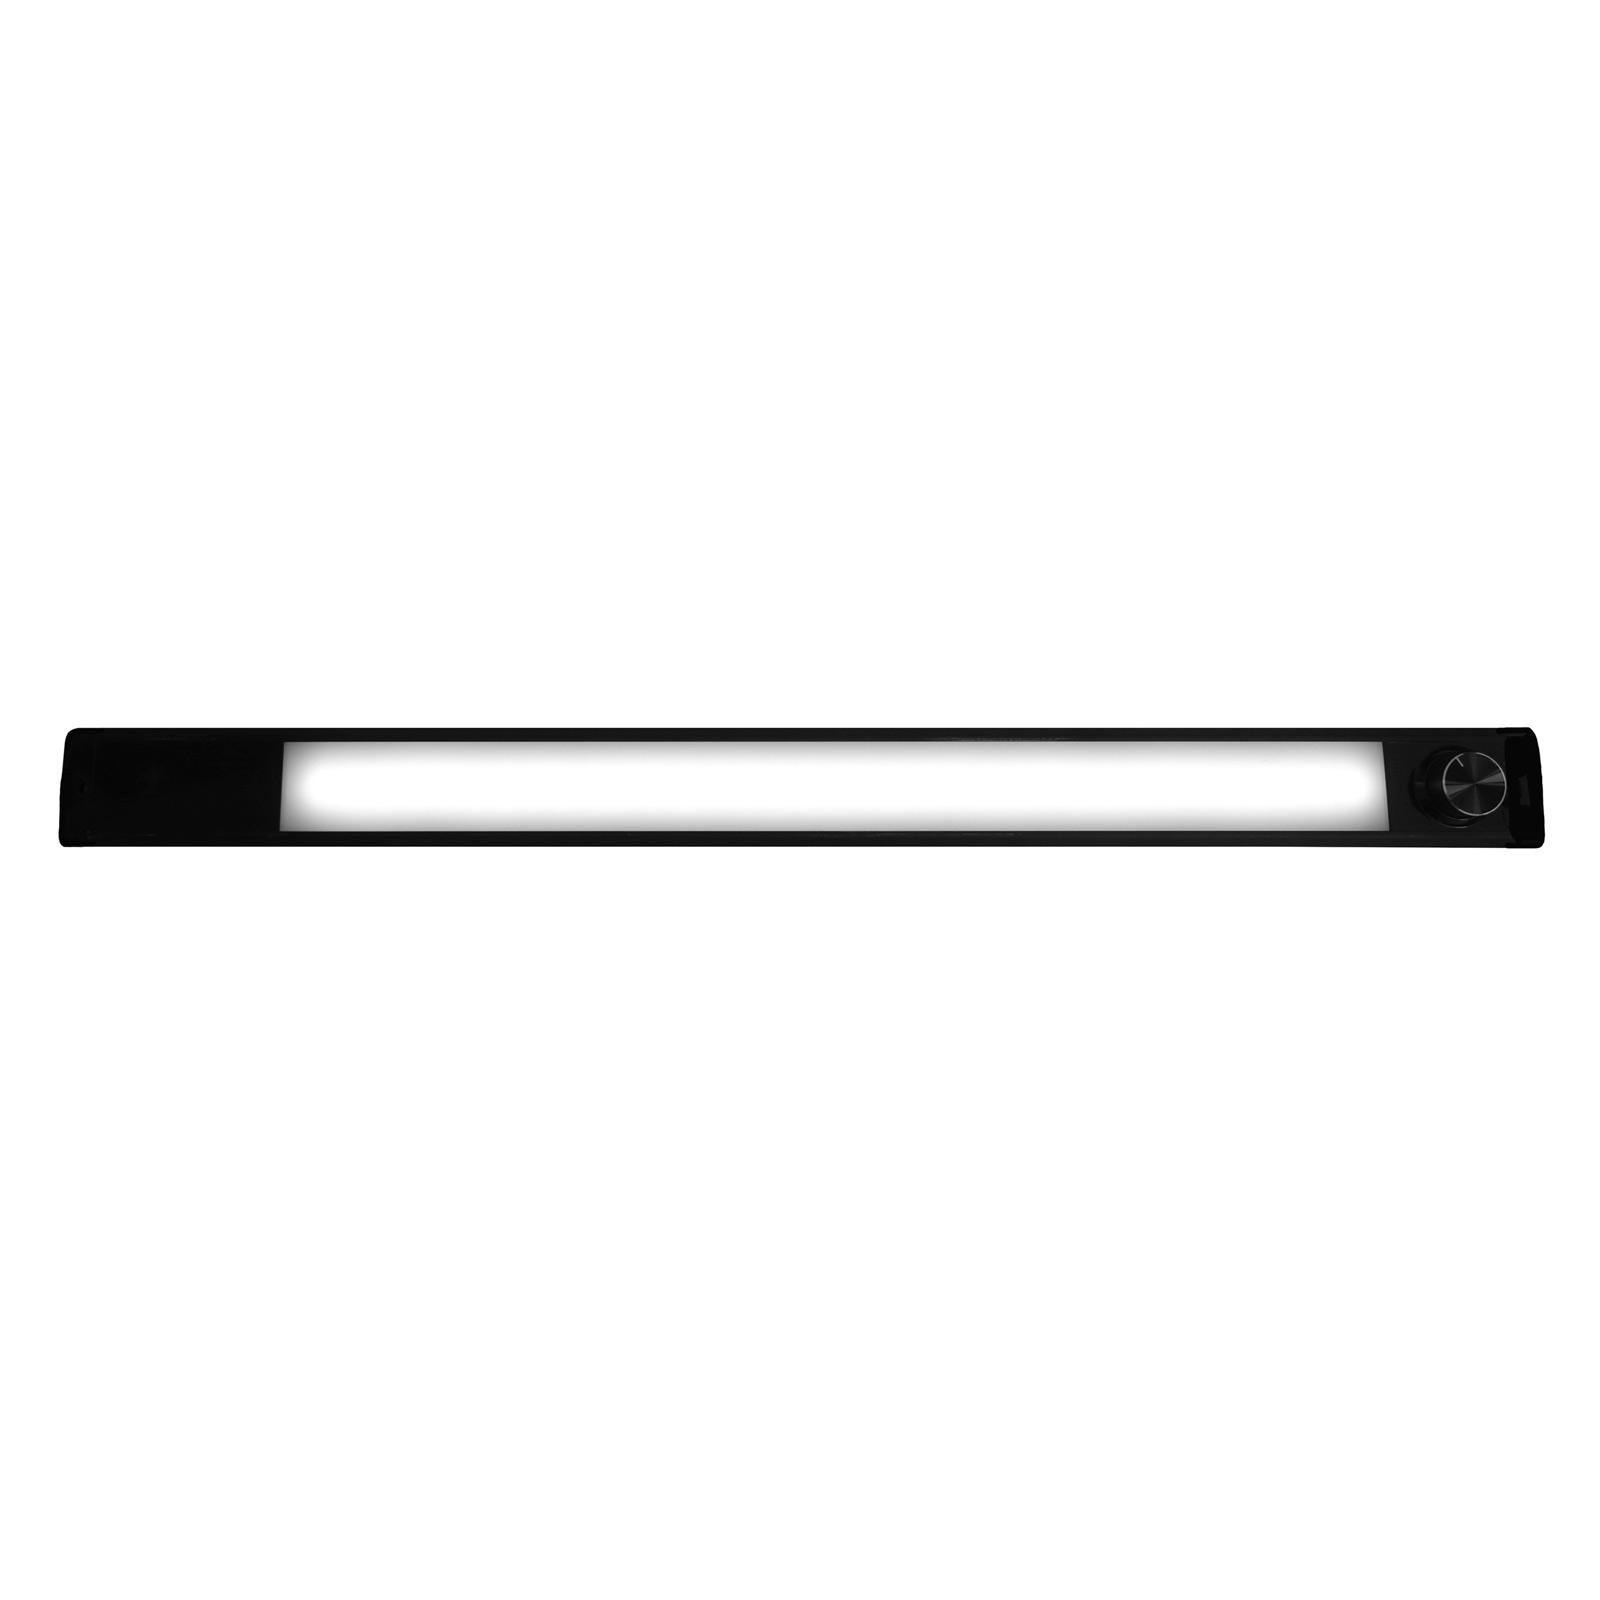 LED-bänklampa Calina 60 Switch Tone, svart